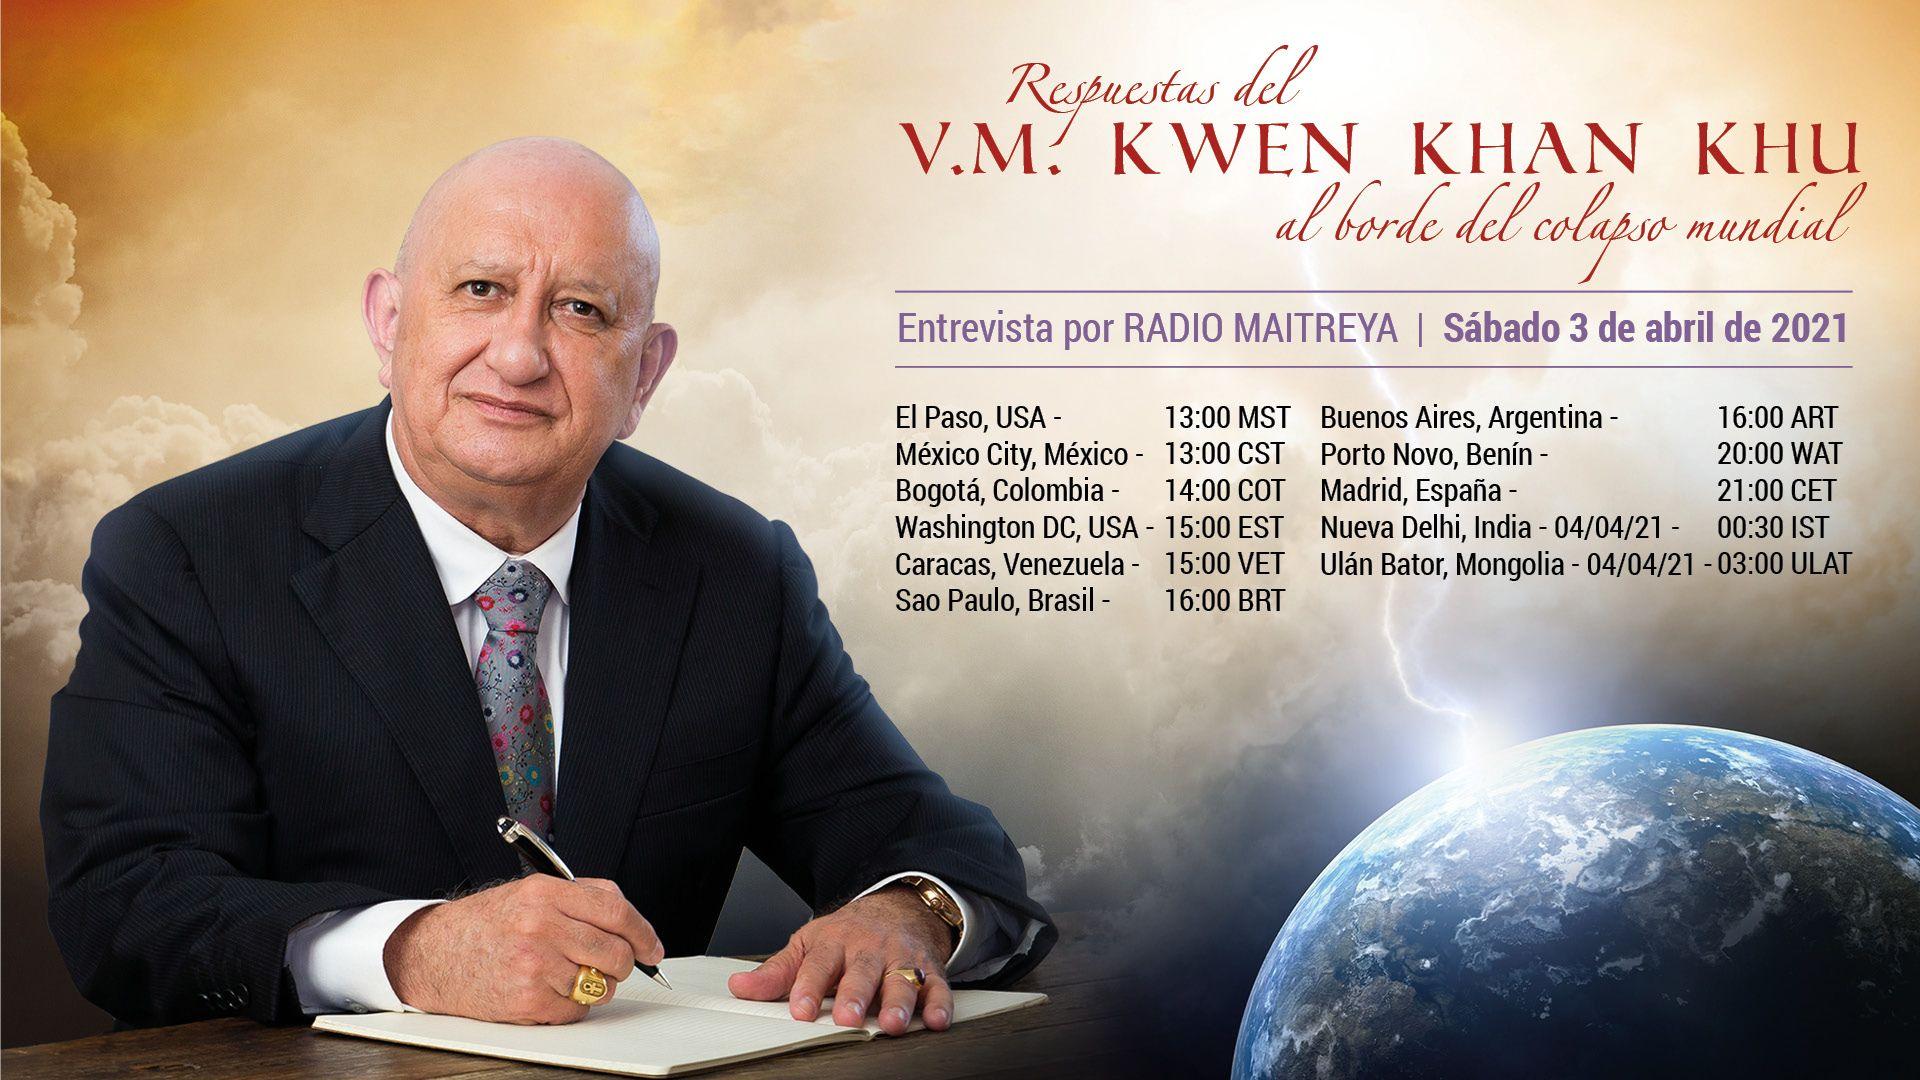 Entretien avec V.M. Kwen Khan Khu (03/04/2021)